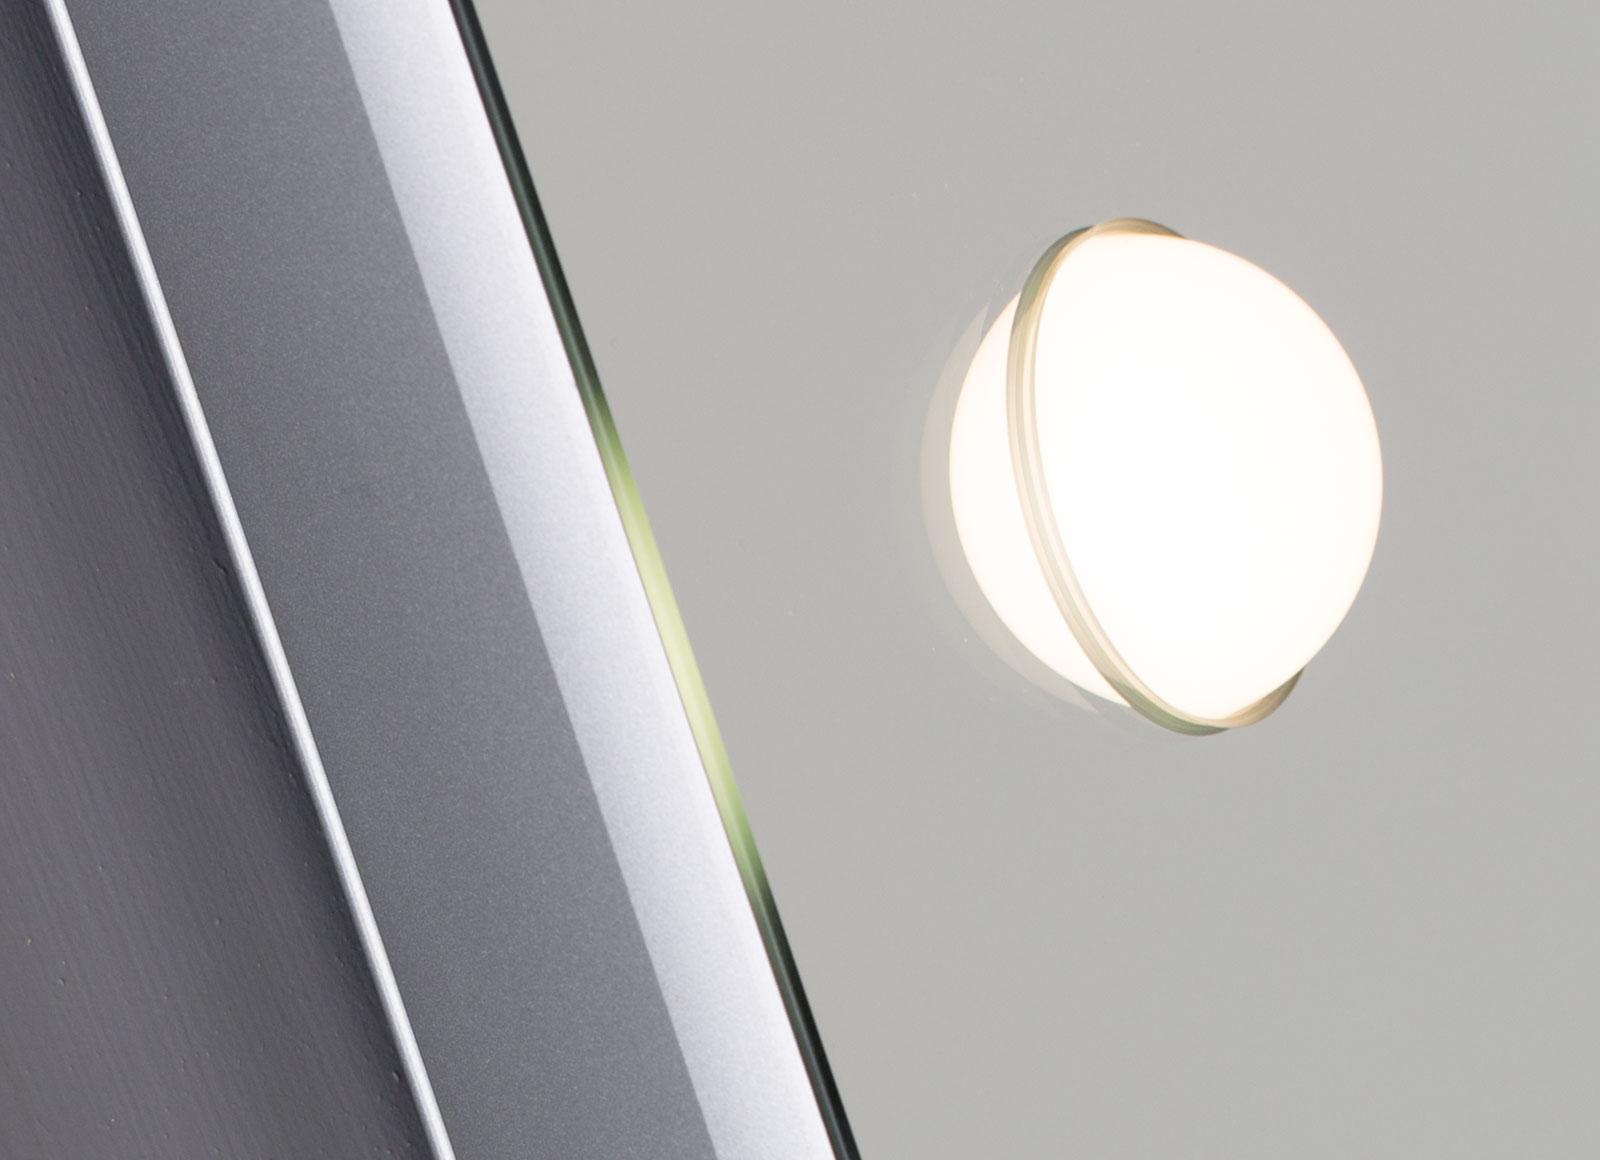 detail-MH-specchi-da-parete-2-hr